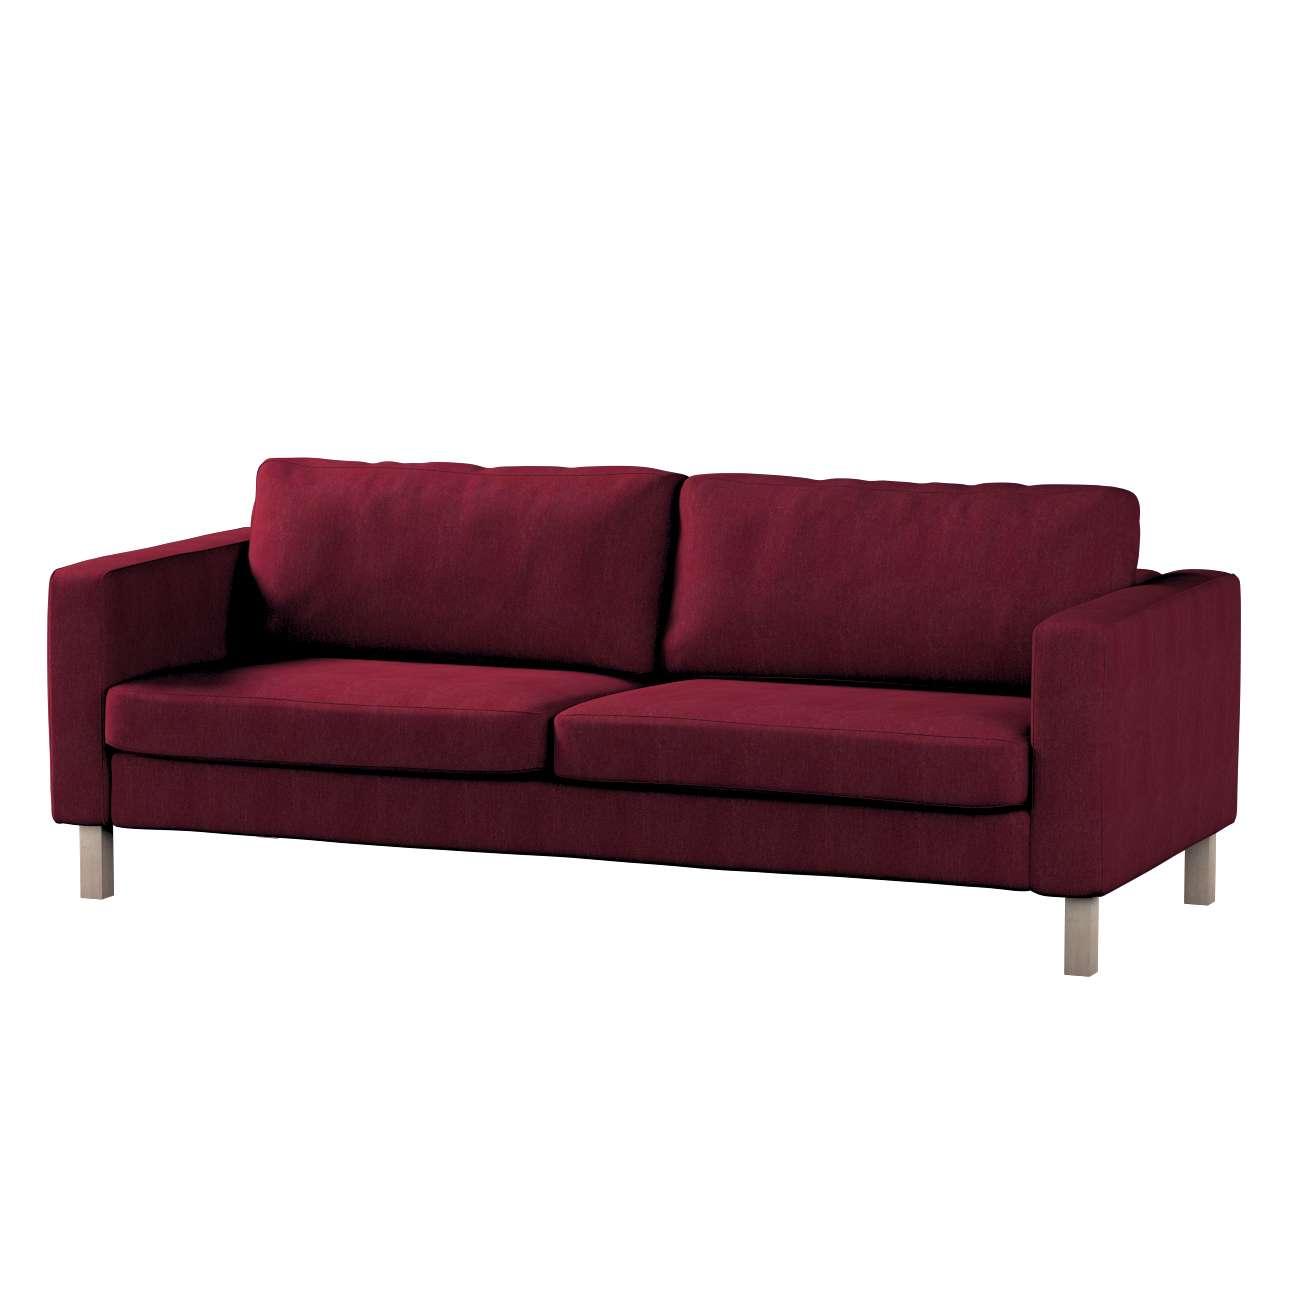 Pokrowiec na sofę Karlstad rozkładaną, krótki Sofa Karlstad 3-os rozkładana w kolekcji Chenille, tkanina: 702-19